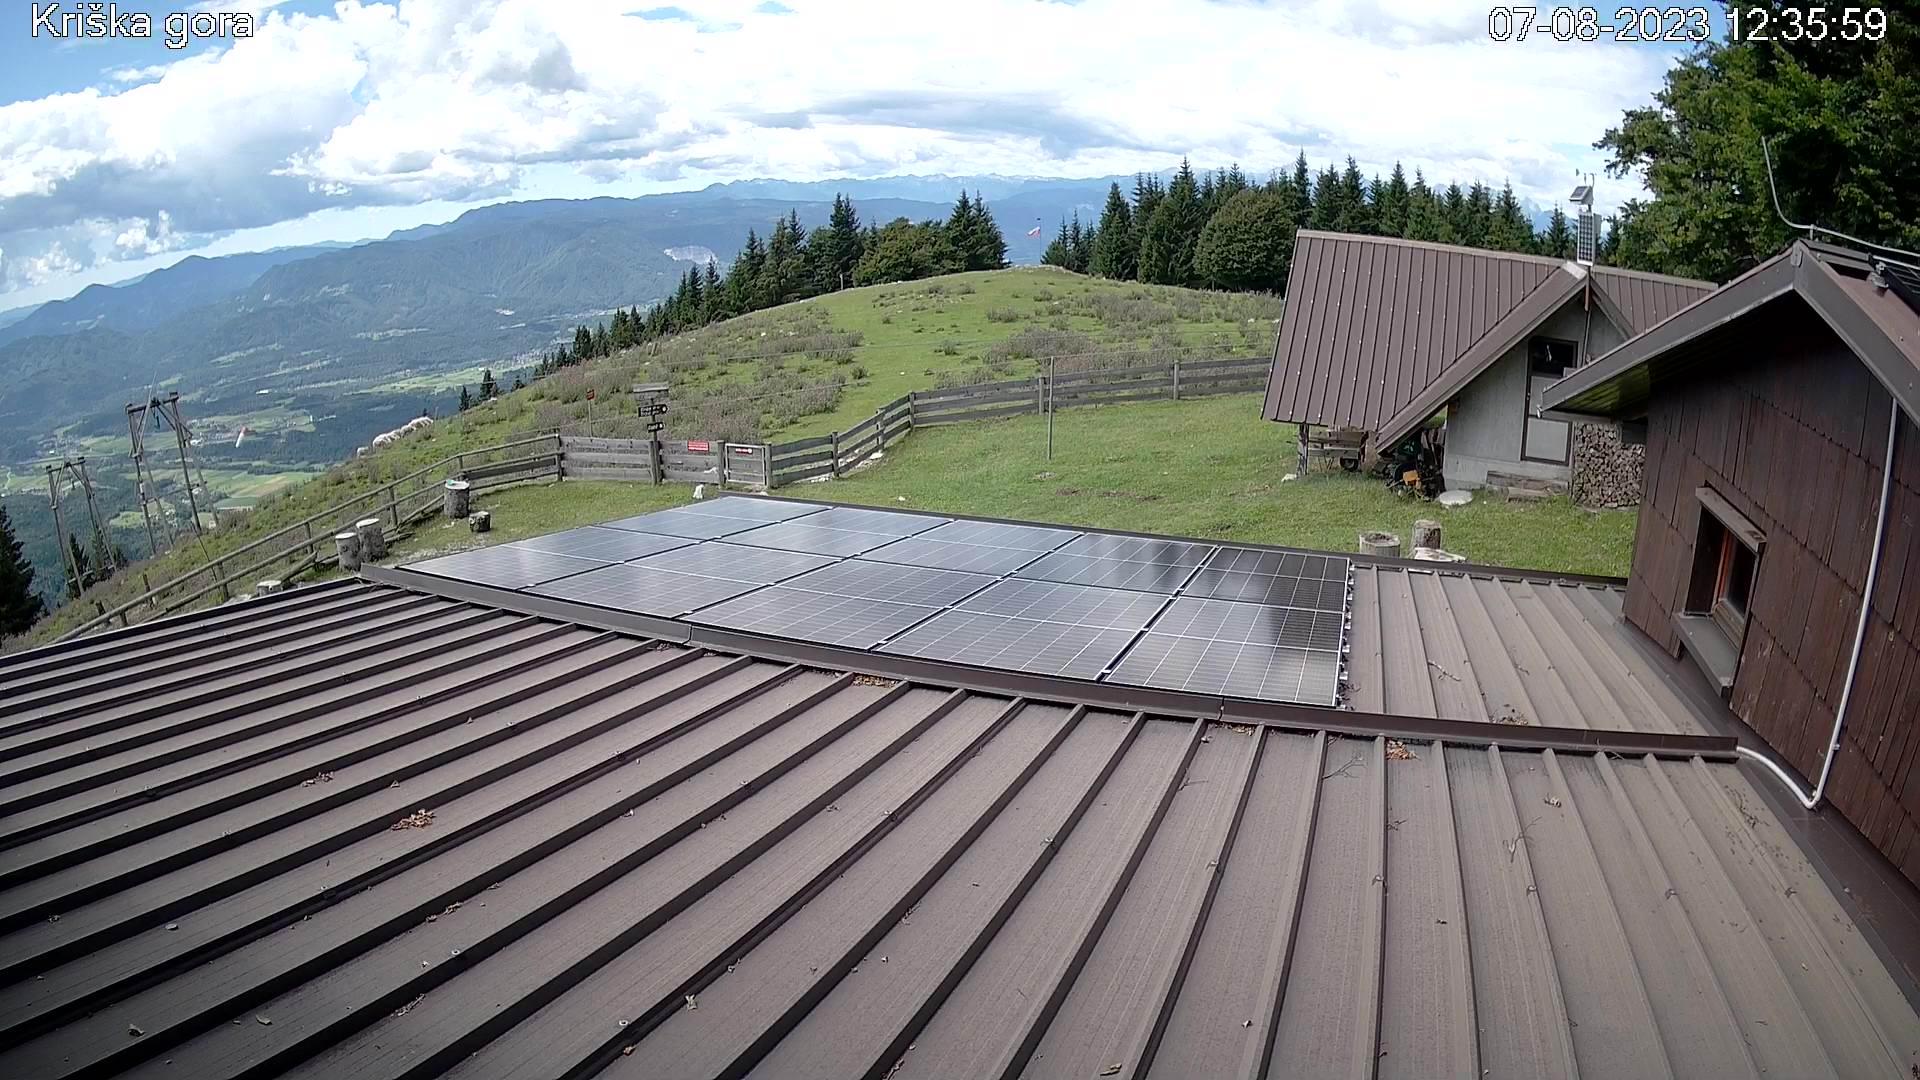 Spletna kamera Kriška gora SW